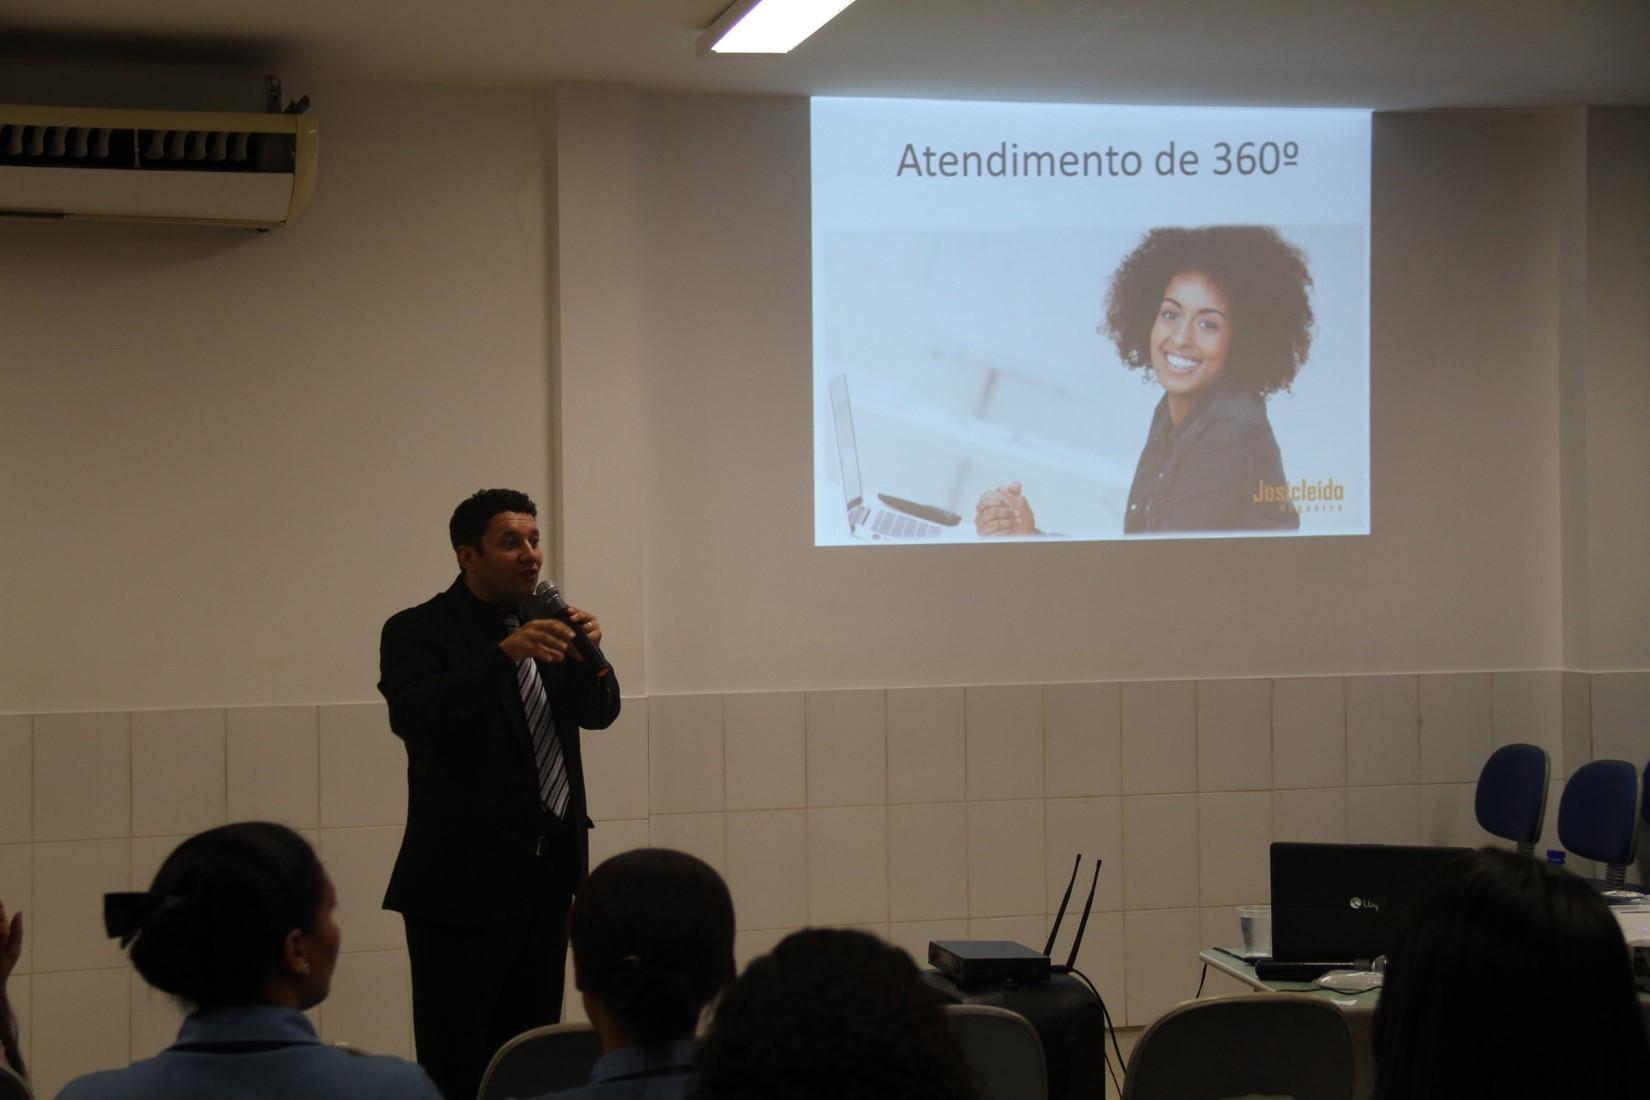 Josicleido Nogueira